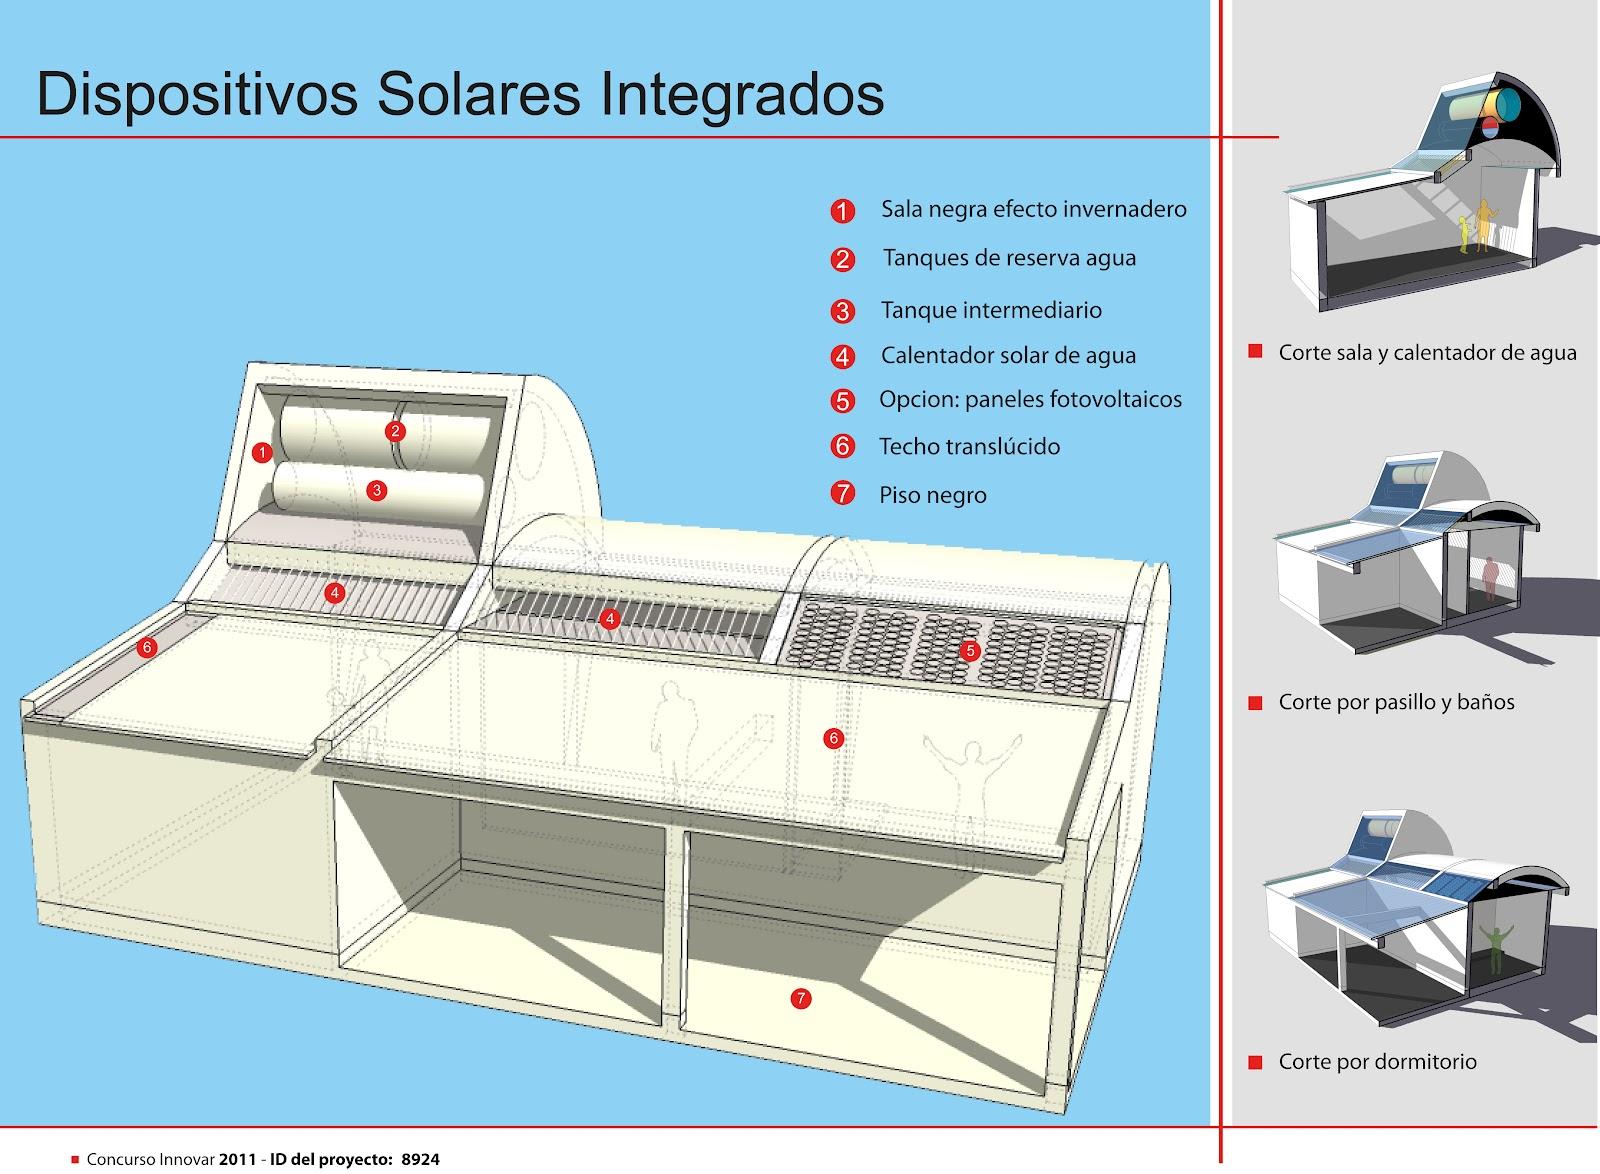 Ecos arquitectura sustentable for Espacios minimos arquitectura